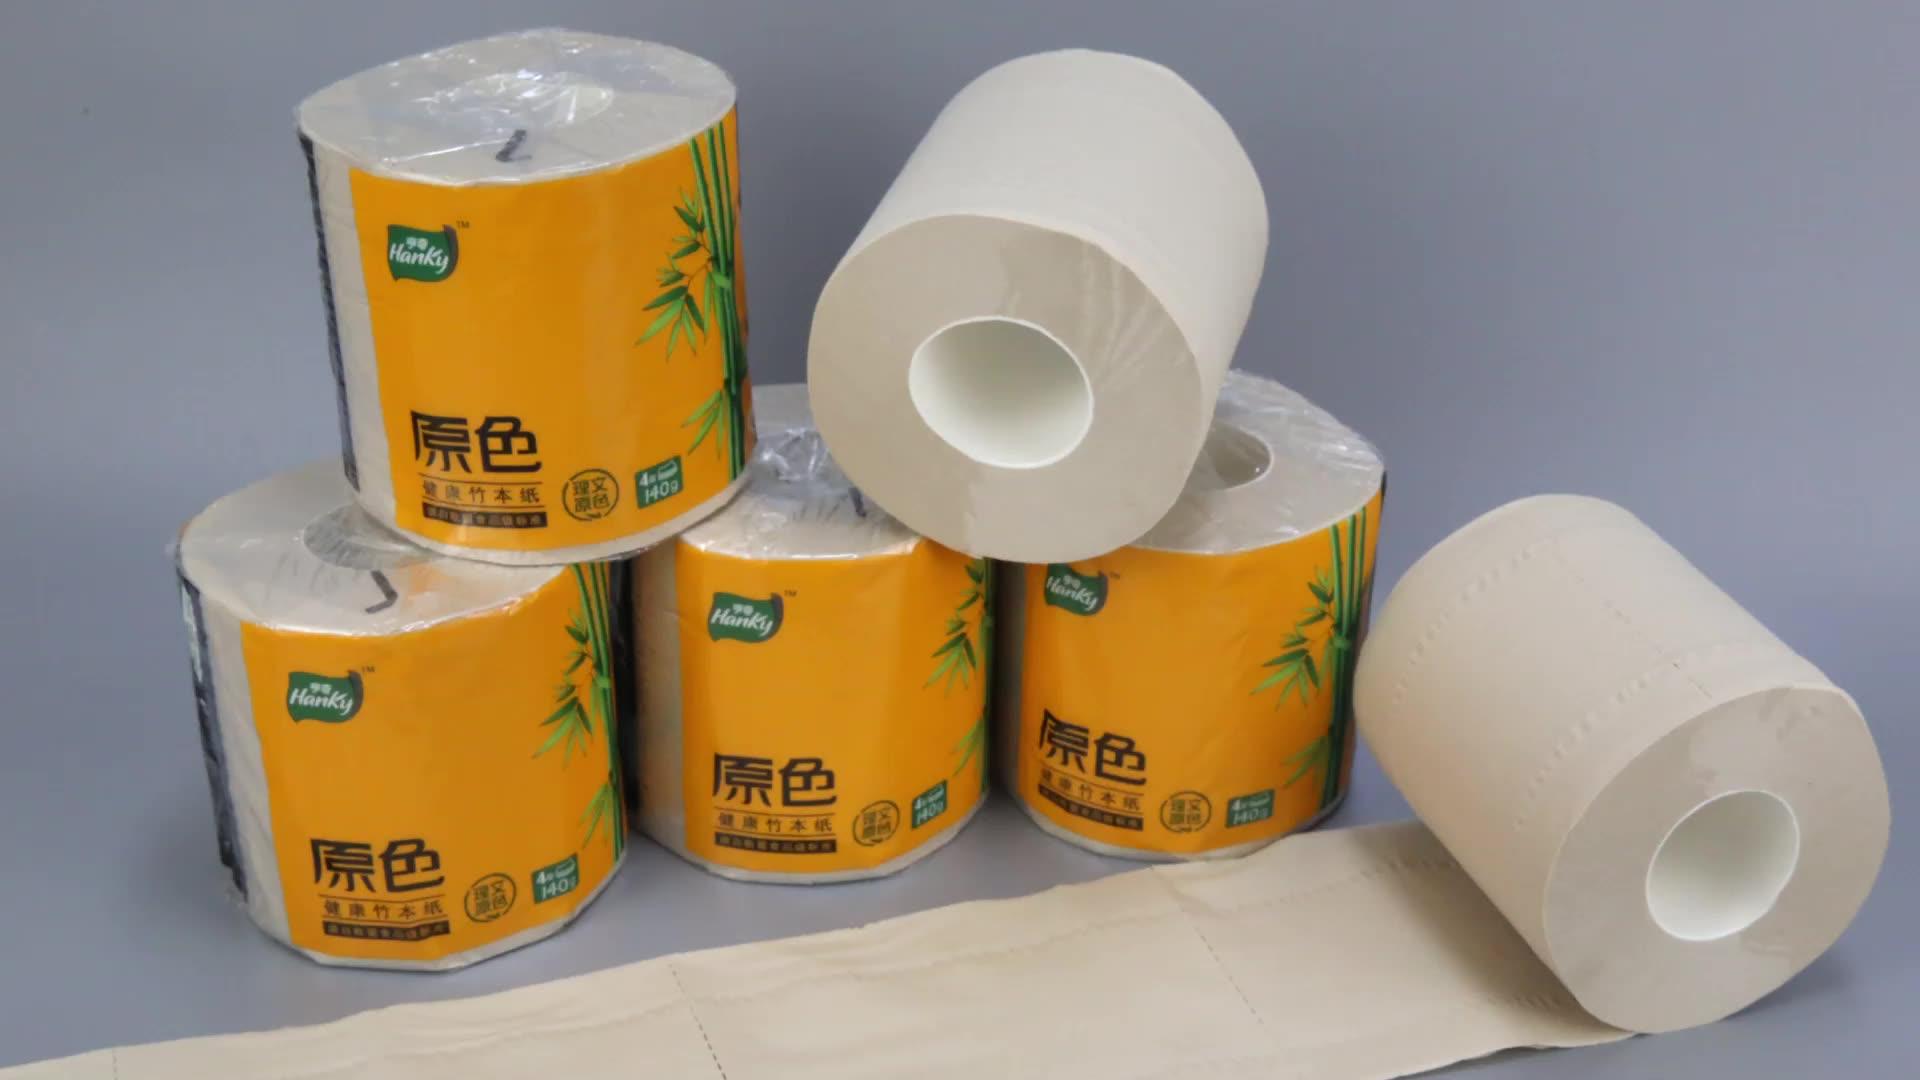 Papier toilette en rouleau, 150 g/rouleau, 12 paquets, usine professionnelle chinoise, livraison gratuite